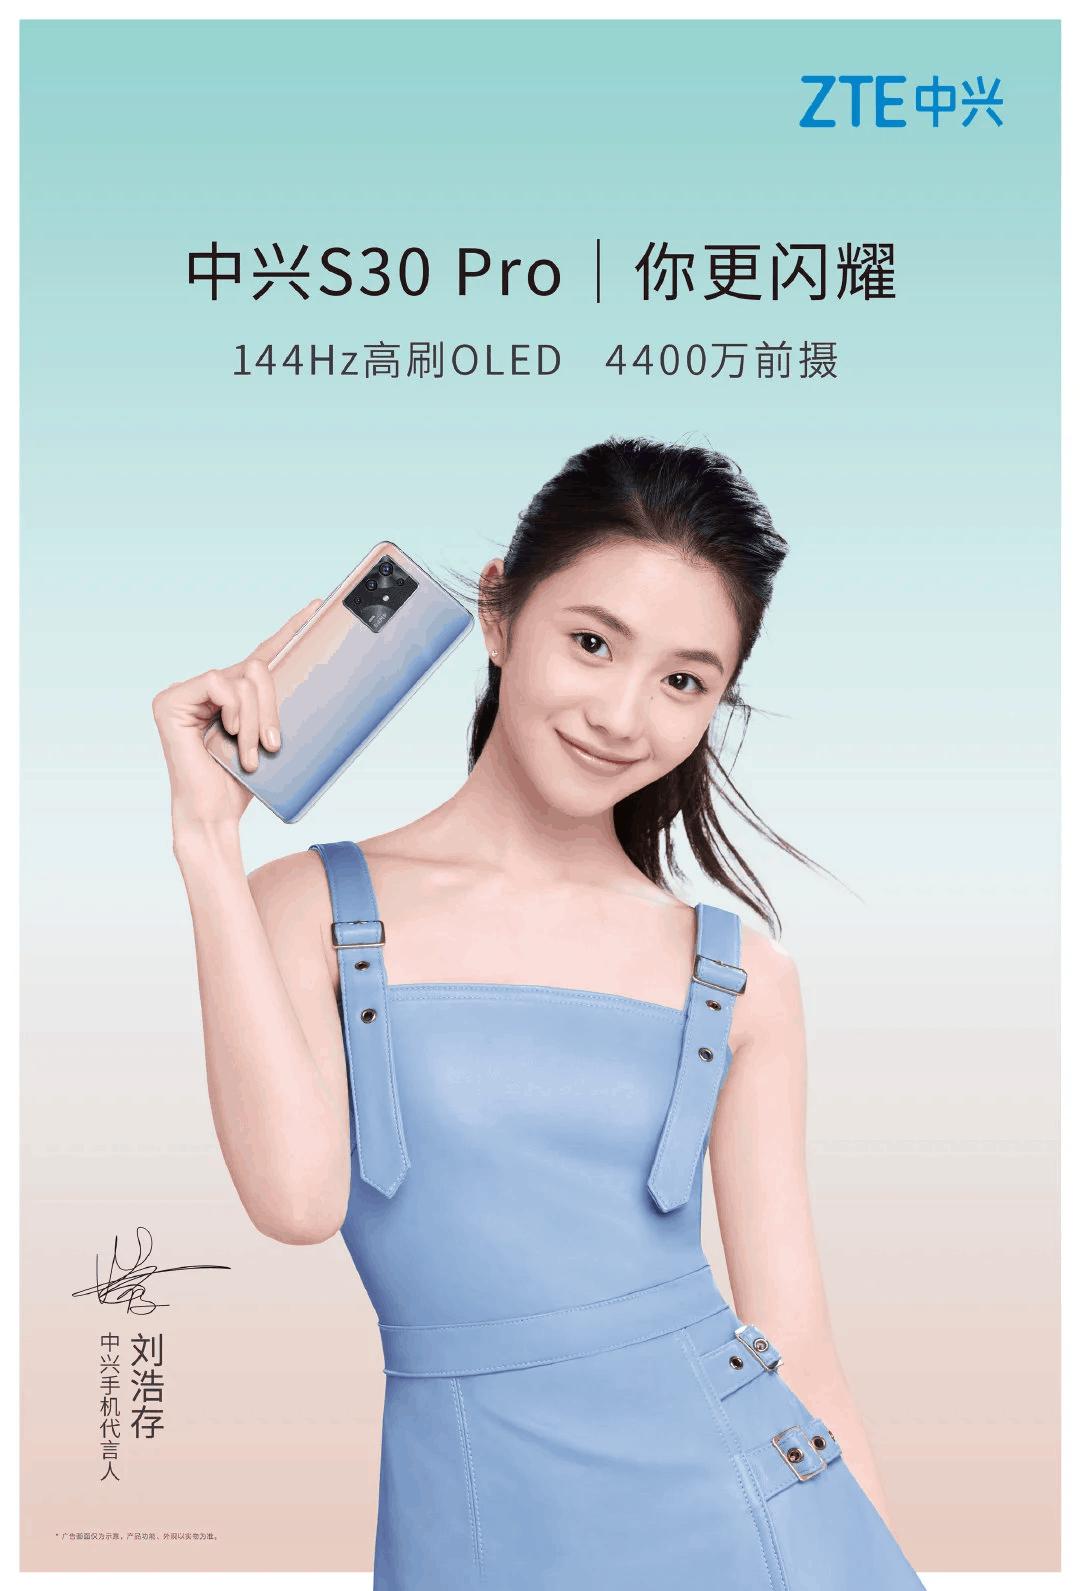 ZTE S30 Pro